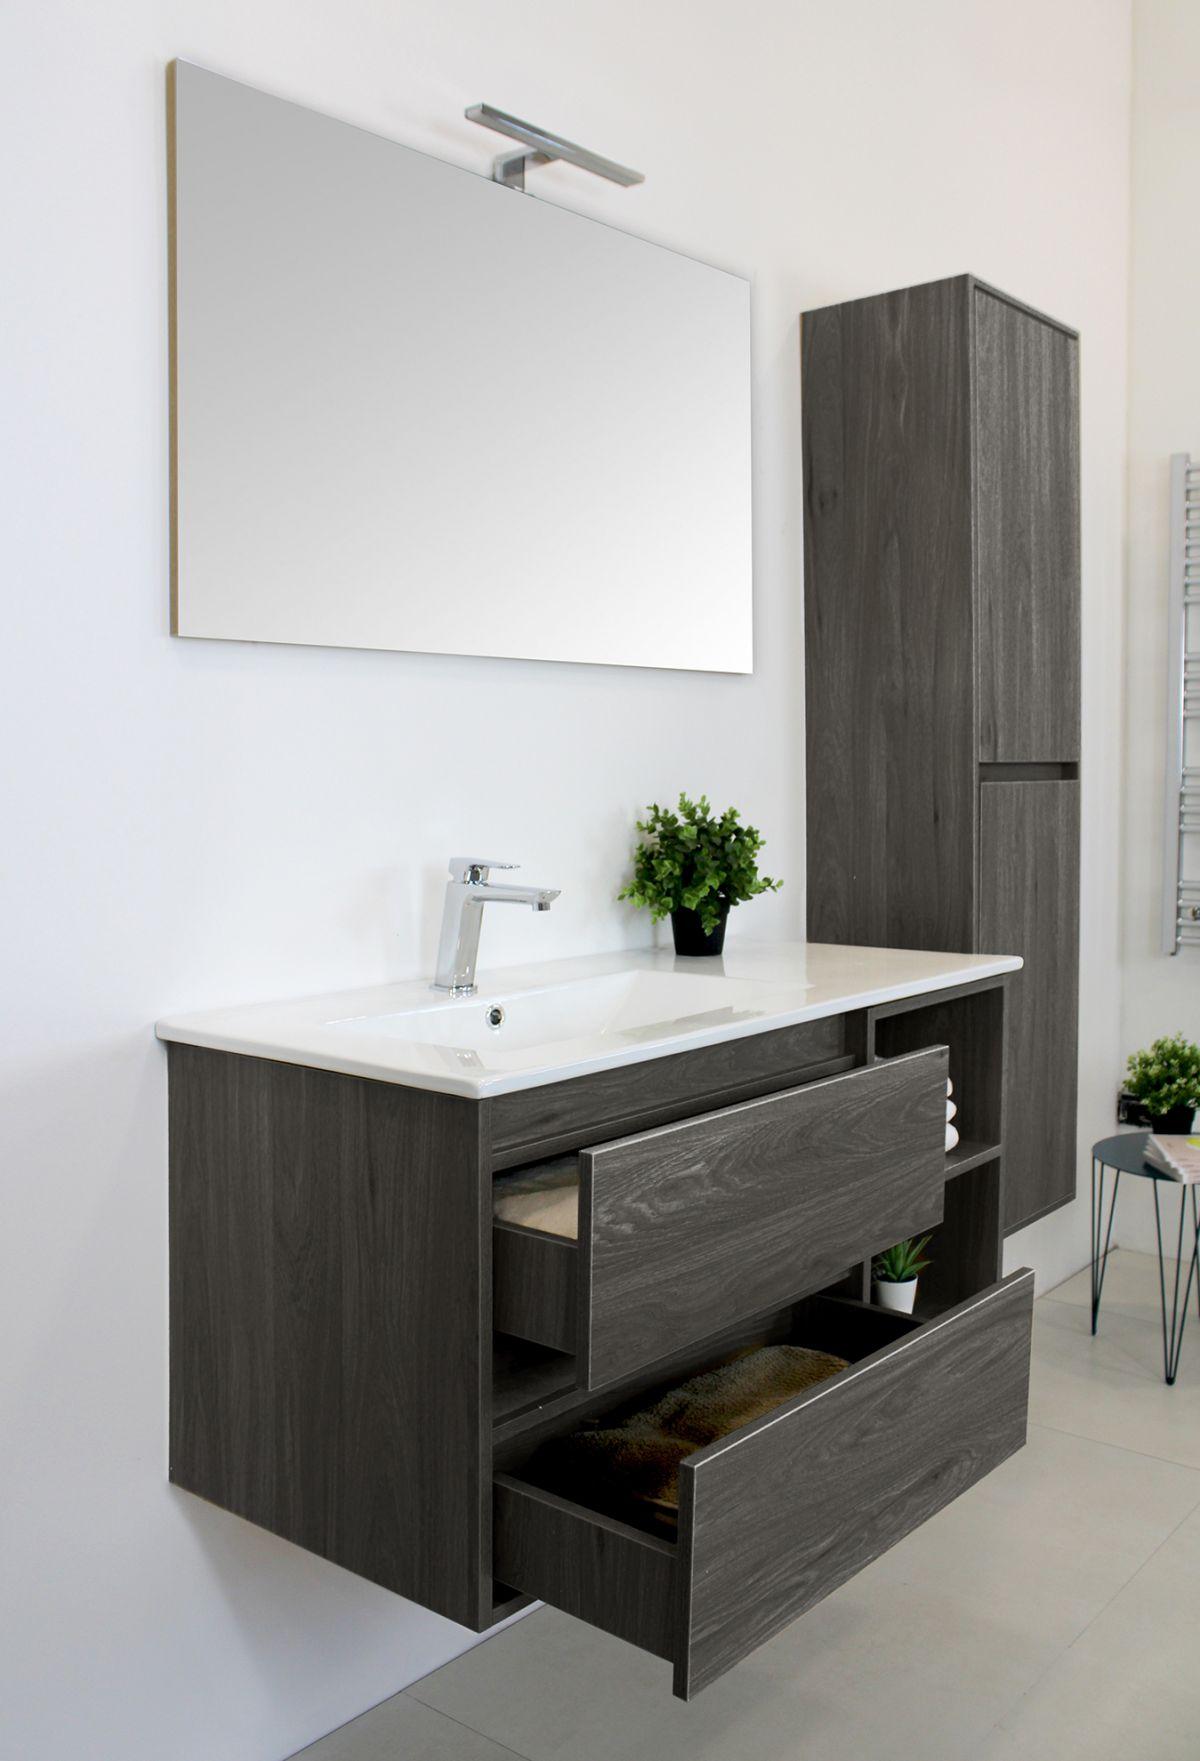 LONDRA Grigio laterale Mobile bagno Londra sospeso 100 cm grigio effetto legno con lavabo specchio lampada